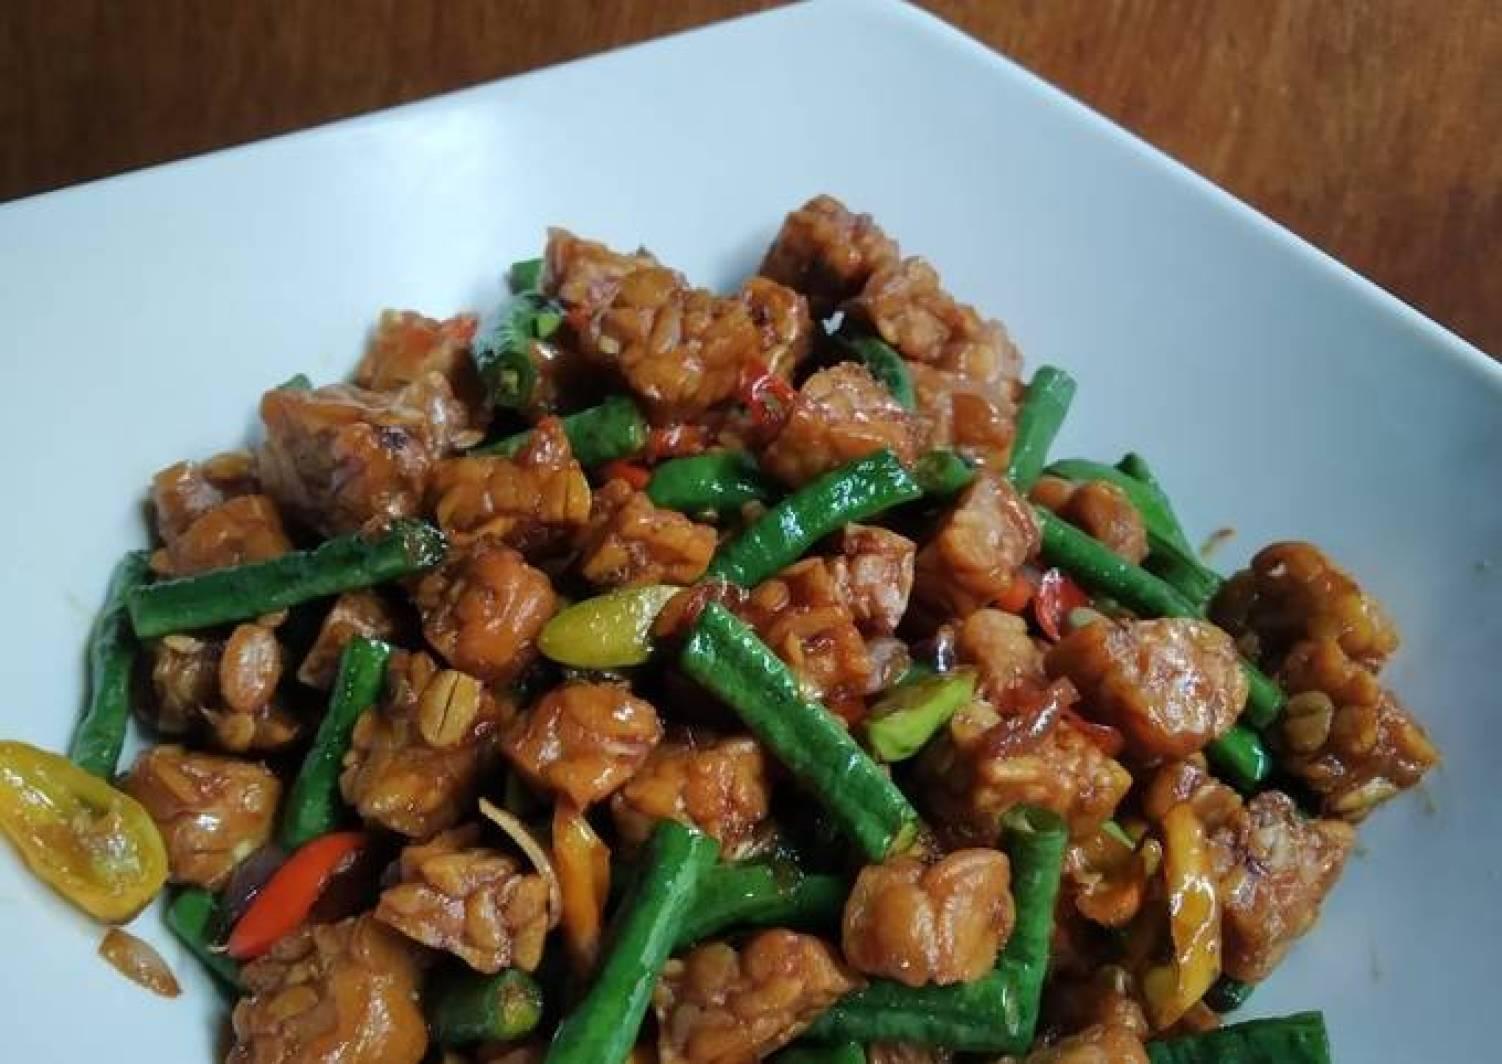 Resep Masak Kacang Panjang Dan Tempe